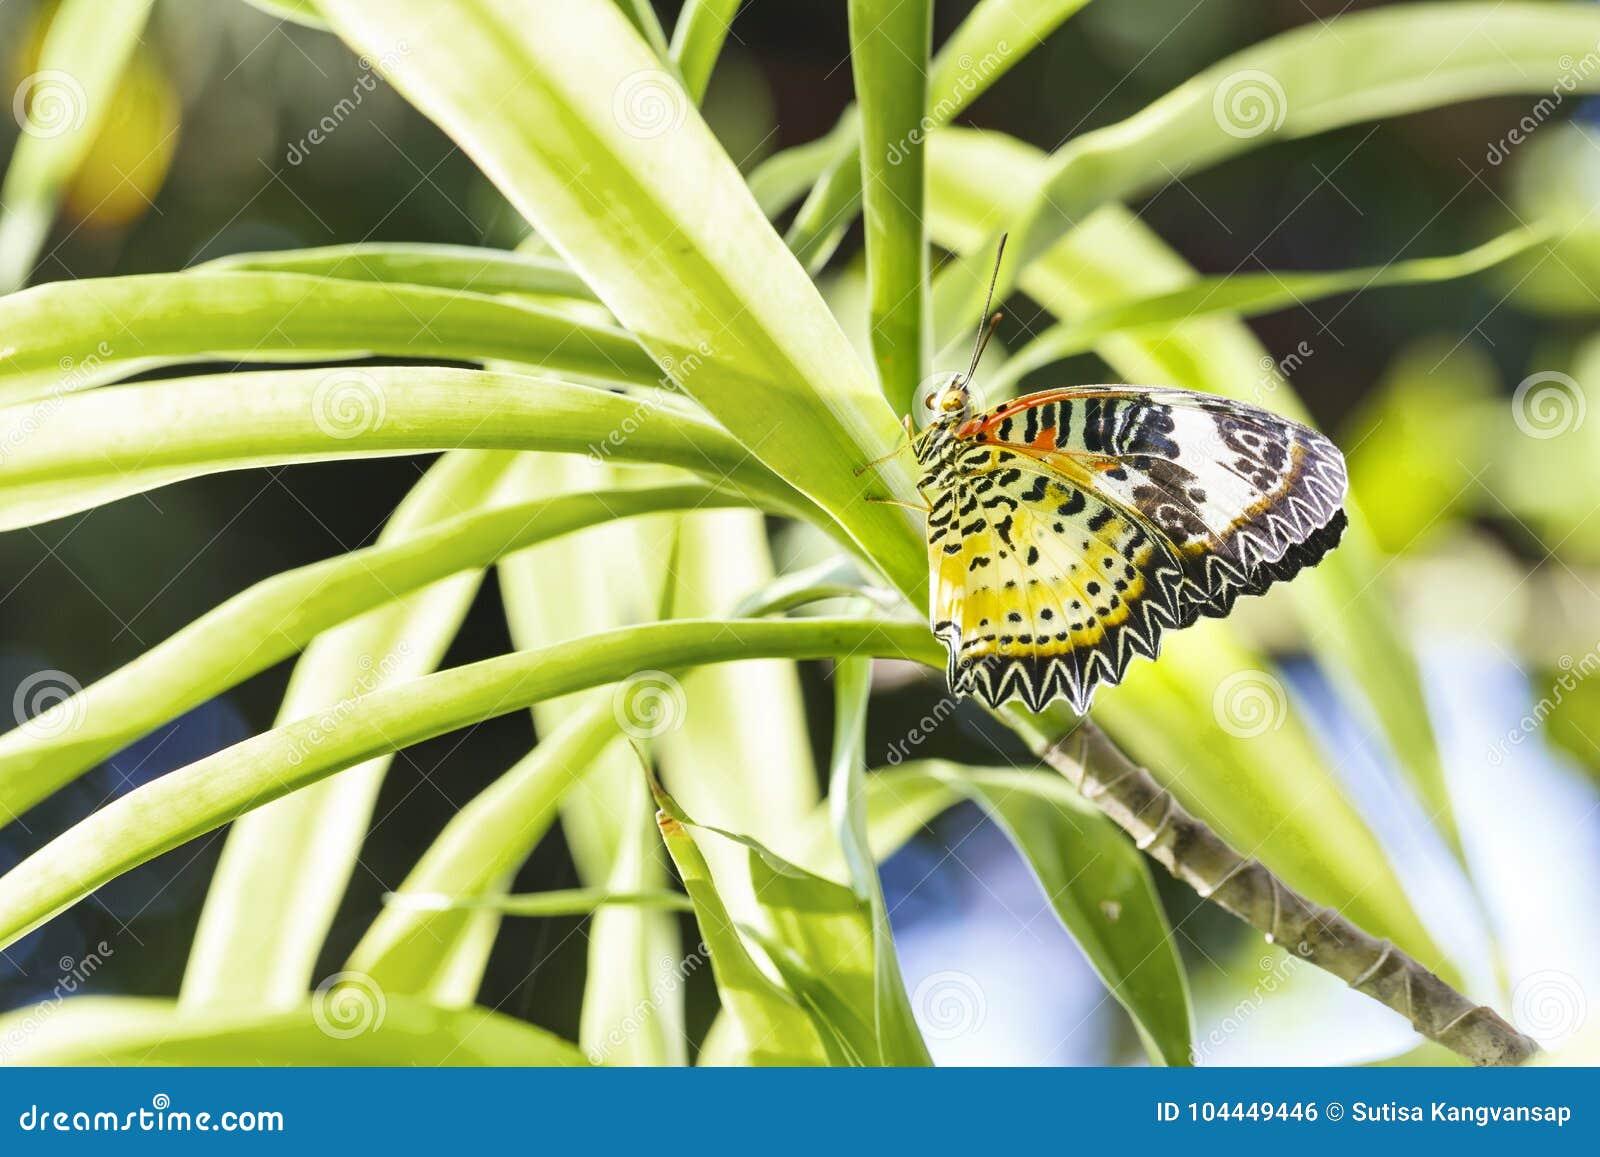 Cair fêmea da borboleta dos euanthes do cyane de Cethosia do lacewing do leopardo